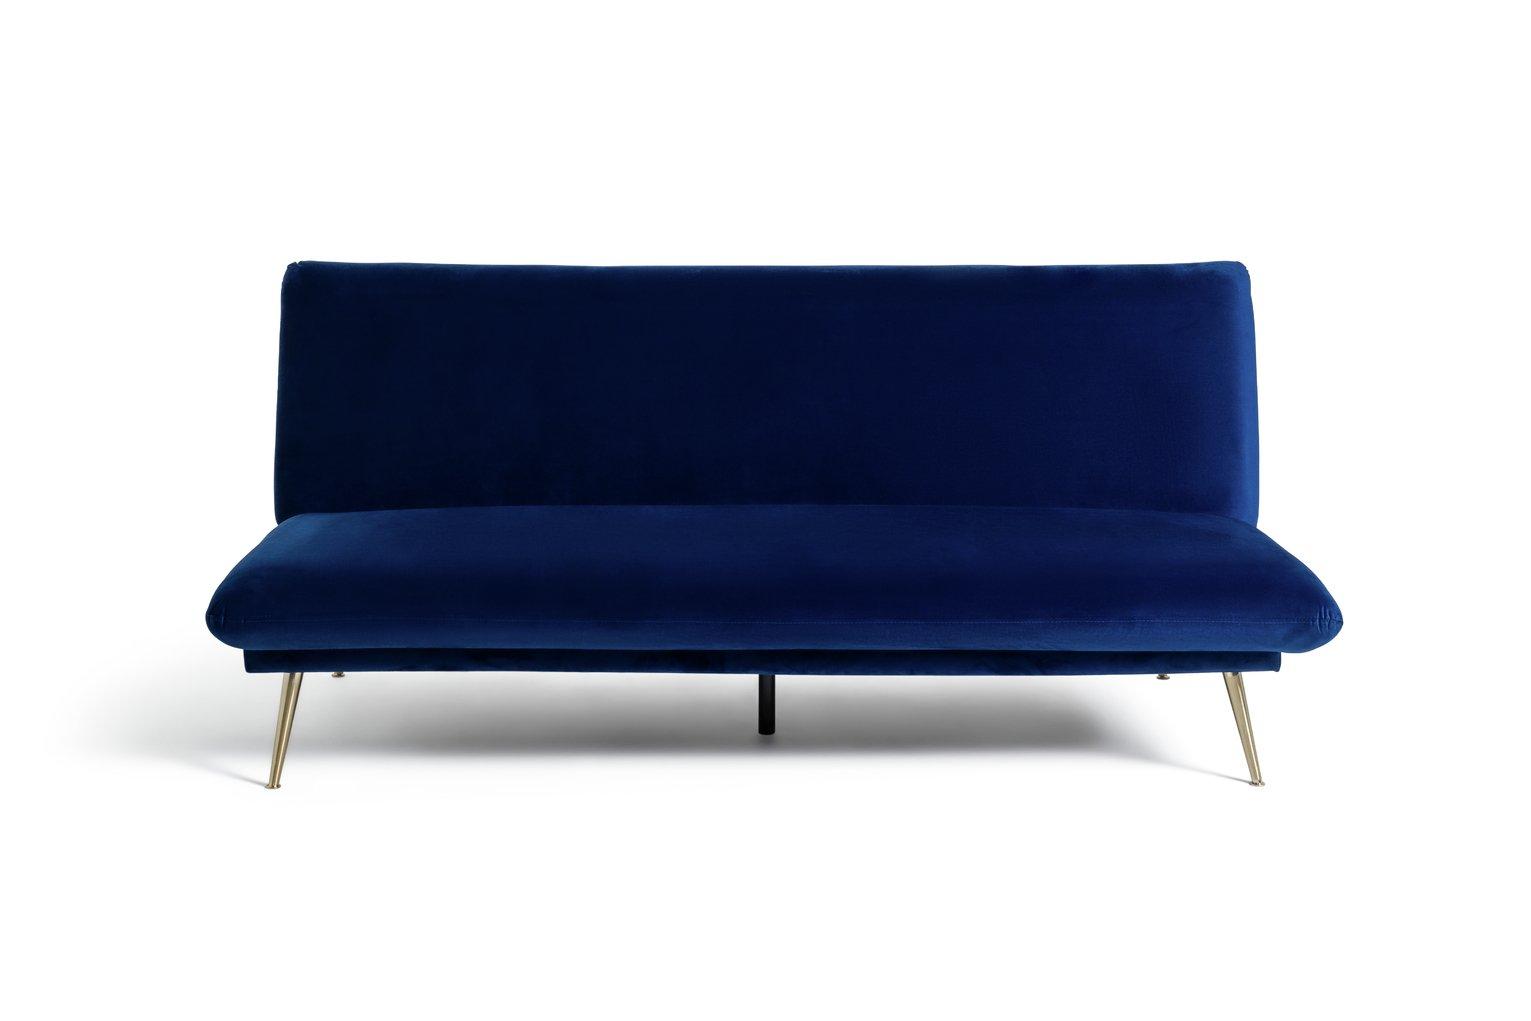 Habitat Matteo 2 Seater Velvet Sofa Bed - Blue